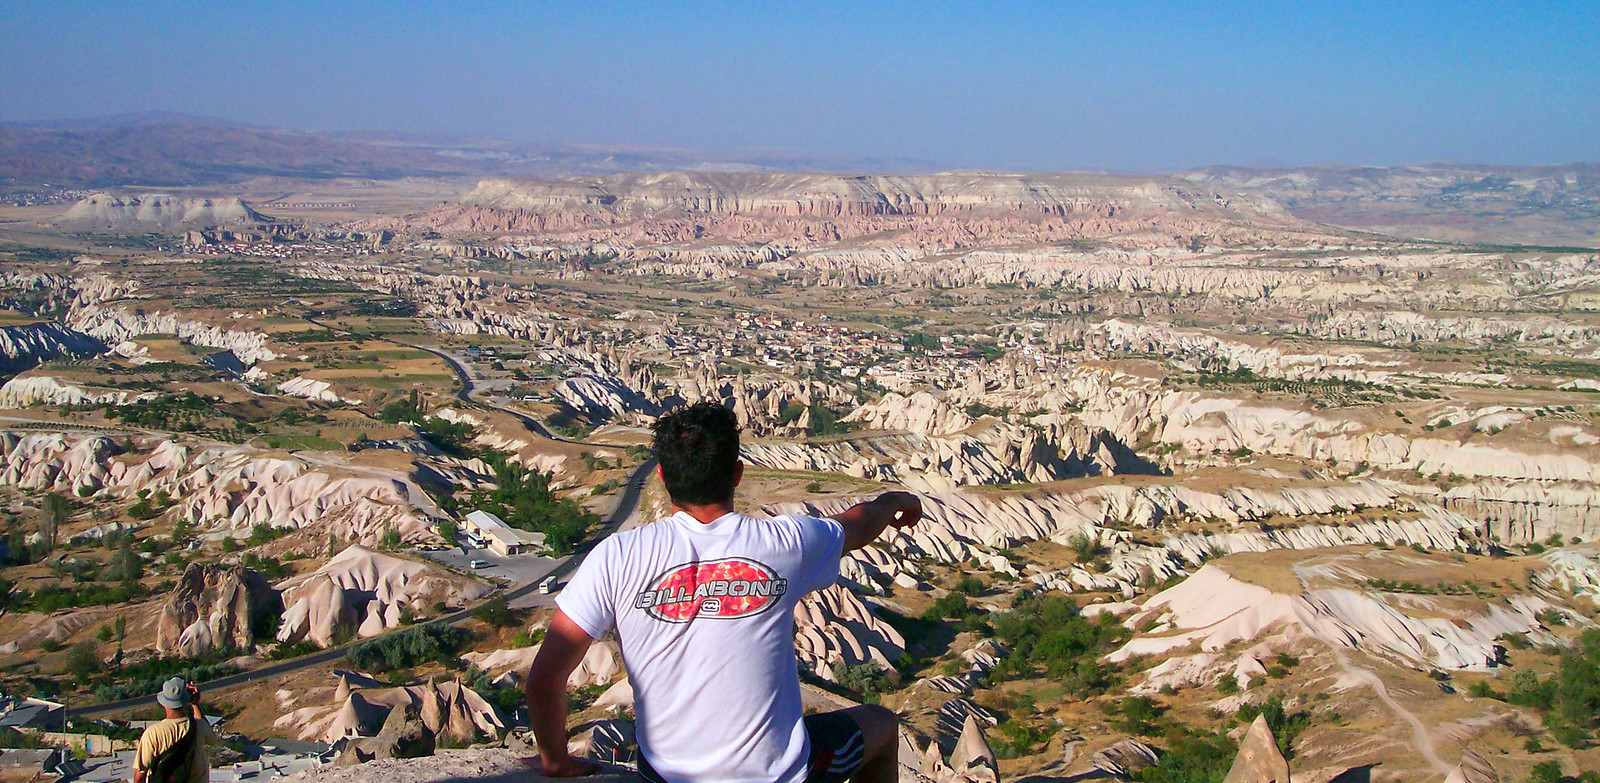 ¿ es seguro viajar a Turquía ? es seguro viajar a turquía - 45046963555 9a8f999f55 h - ¿ Es seguro viajar a Turquía ?